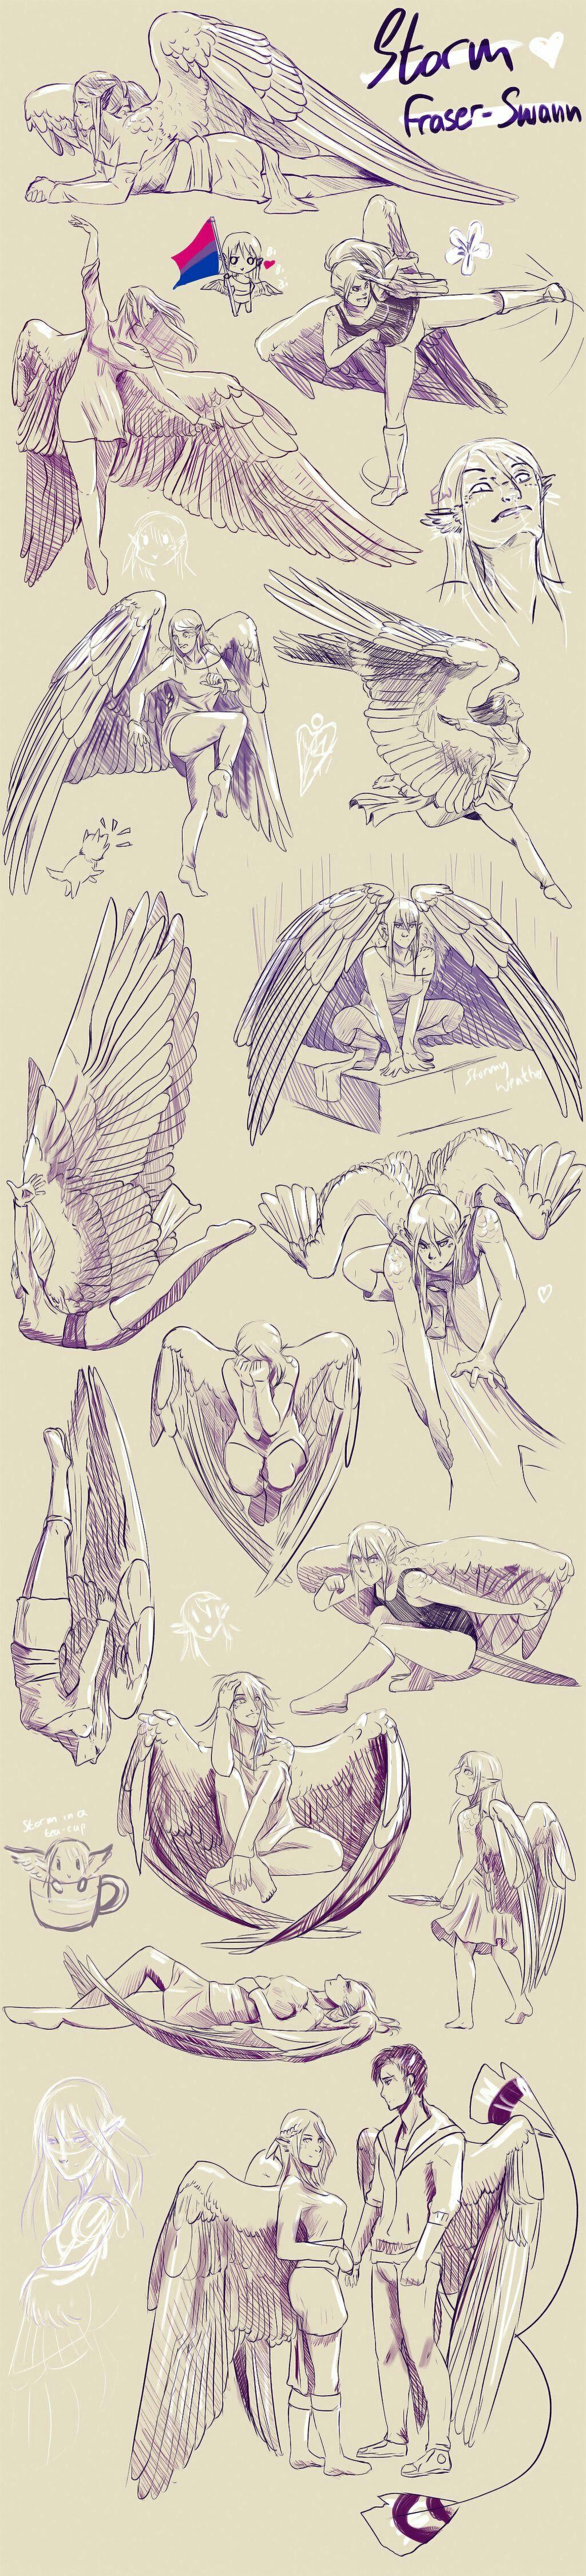 【100+】 天使 イラスト 書き方 - 無料の印刷可能なイラスト素材